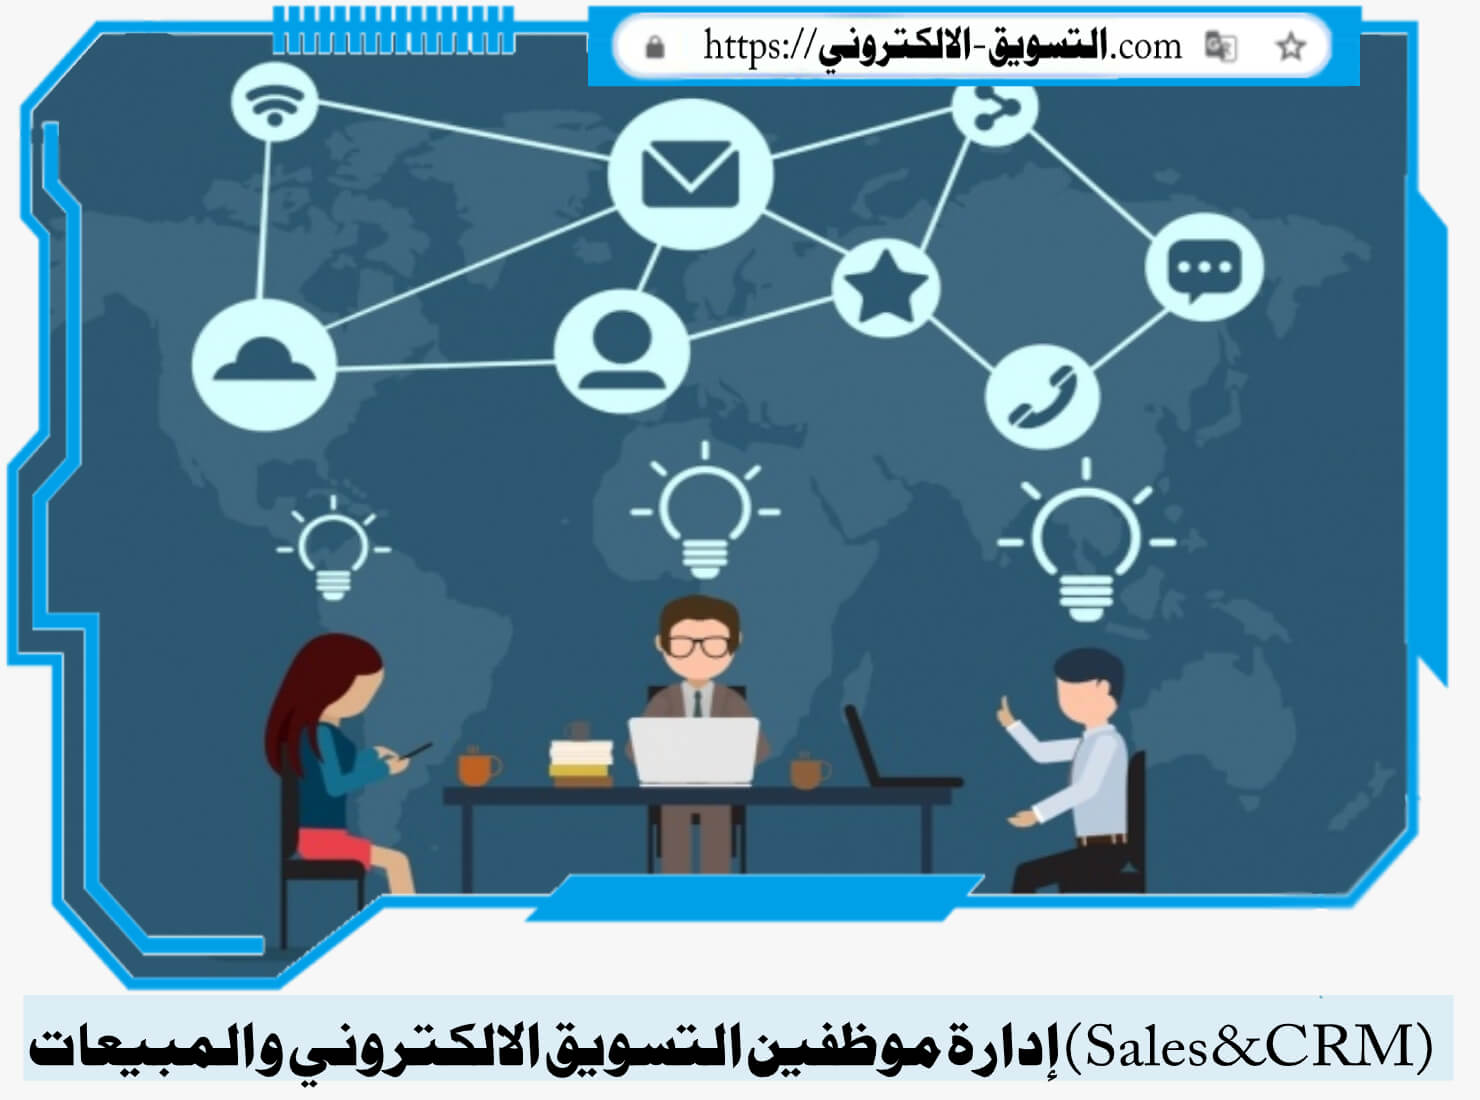 إدارة موظفين التسويق الالكتروني و المبيعات